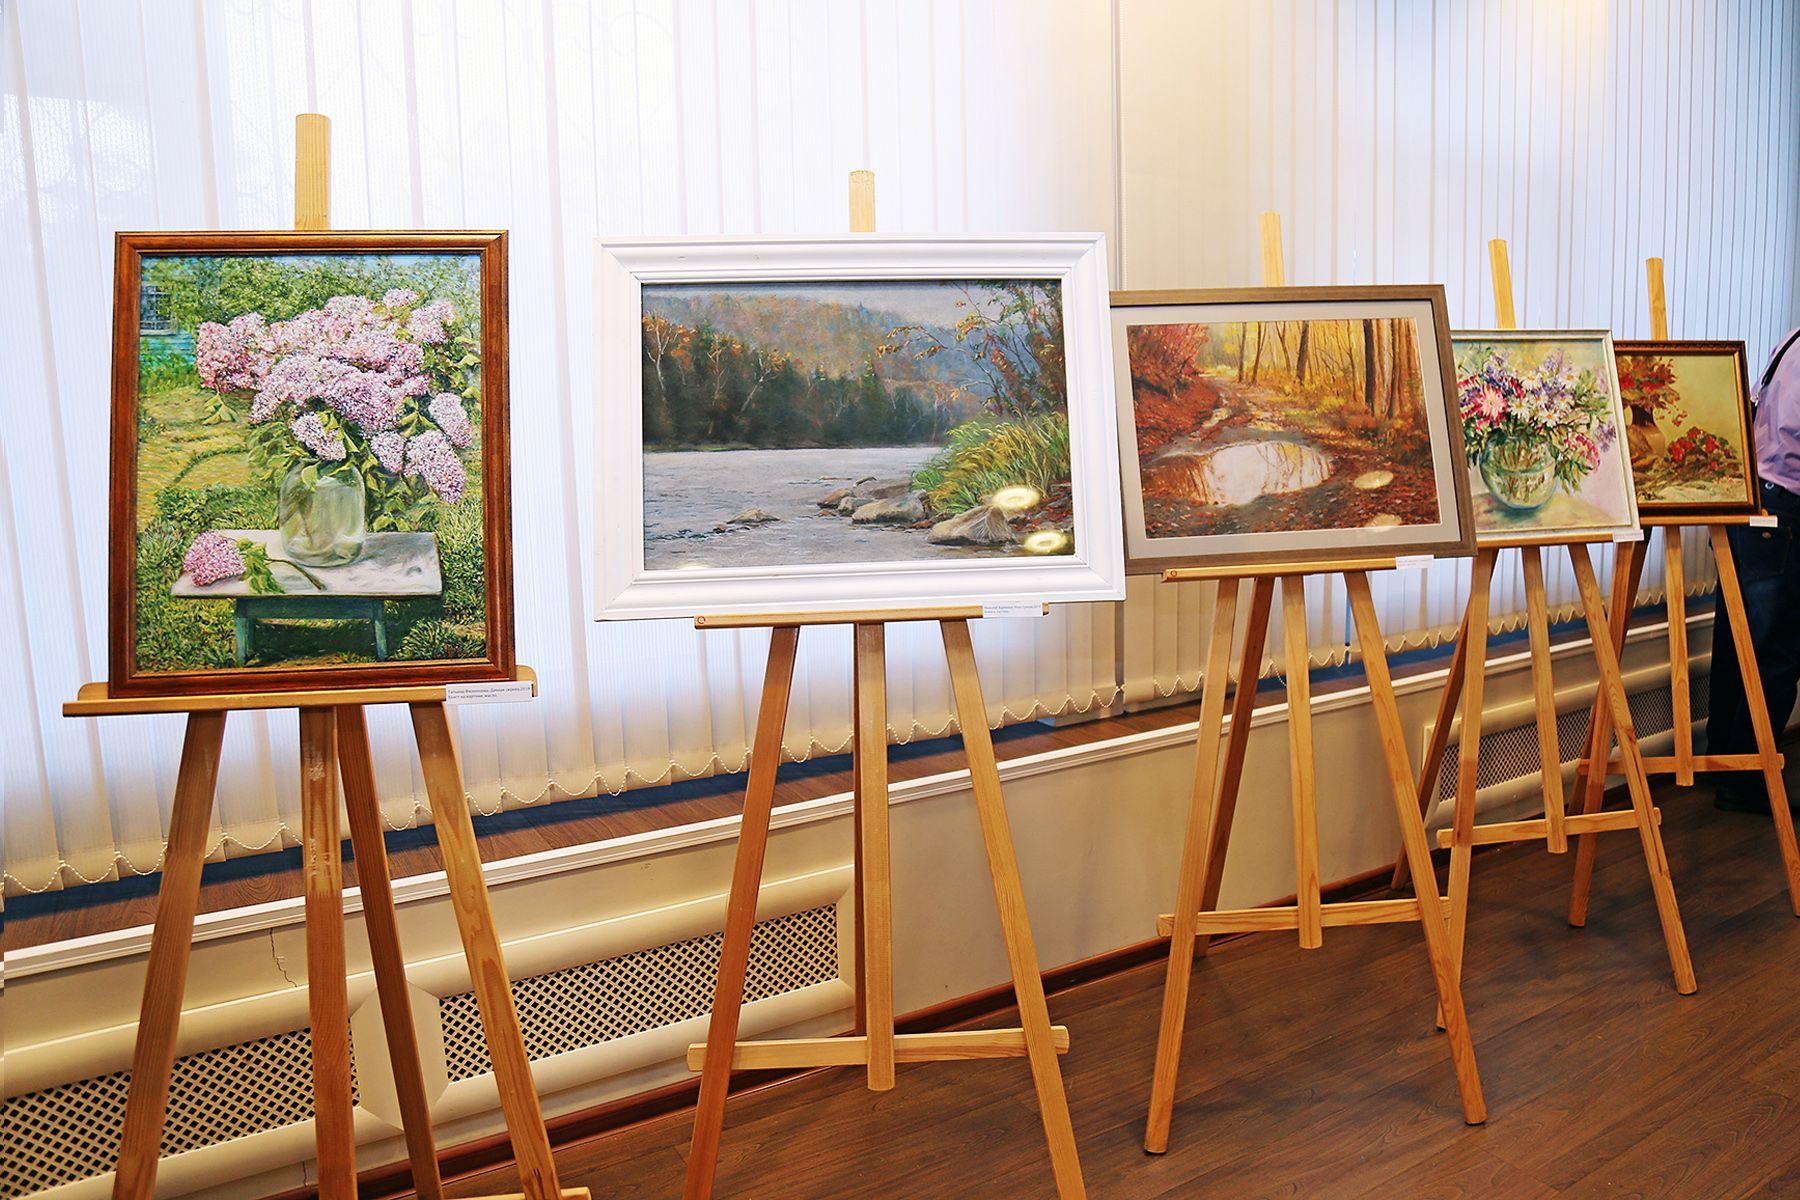 Линия горизонта: в Музее ВГУЭС открылась выставка «народных» художников